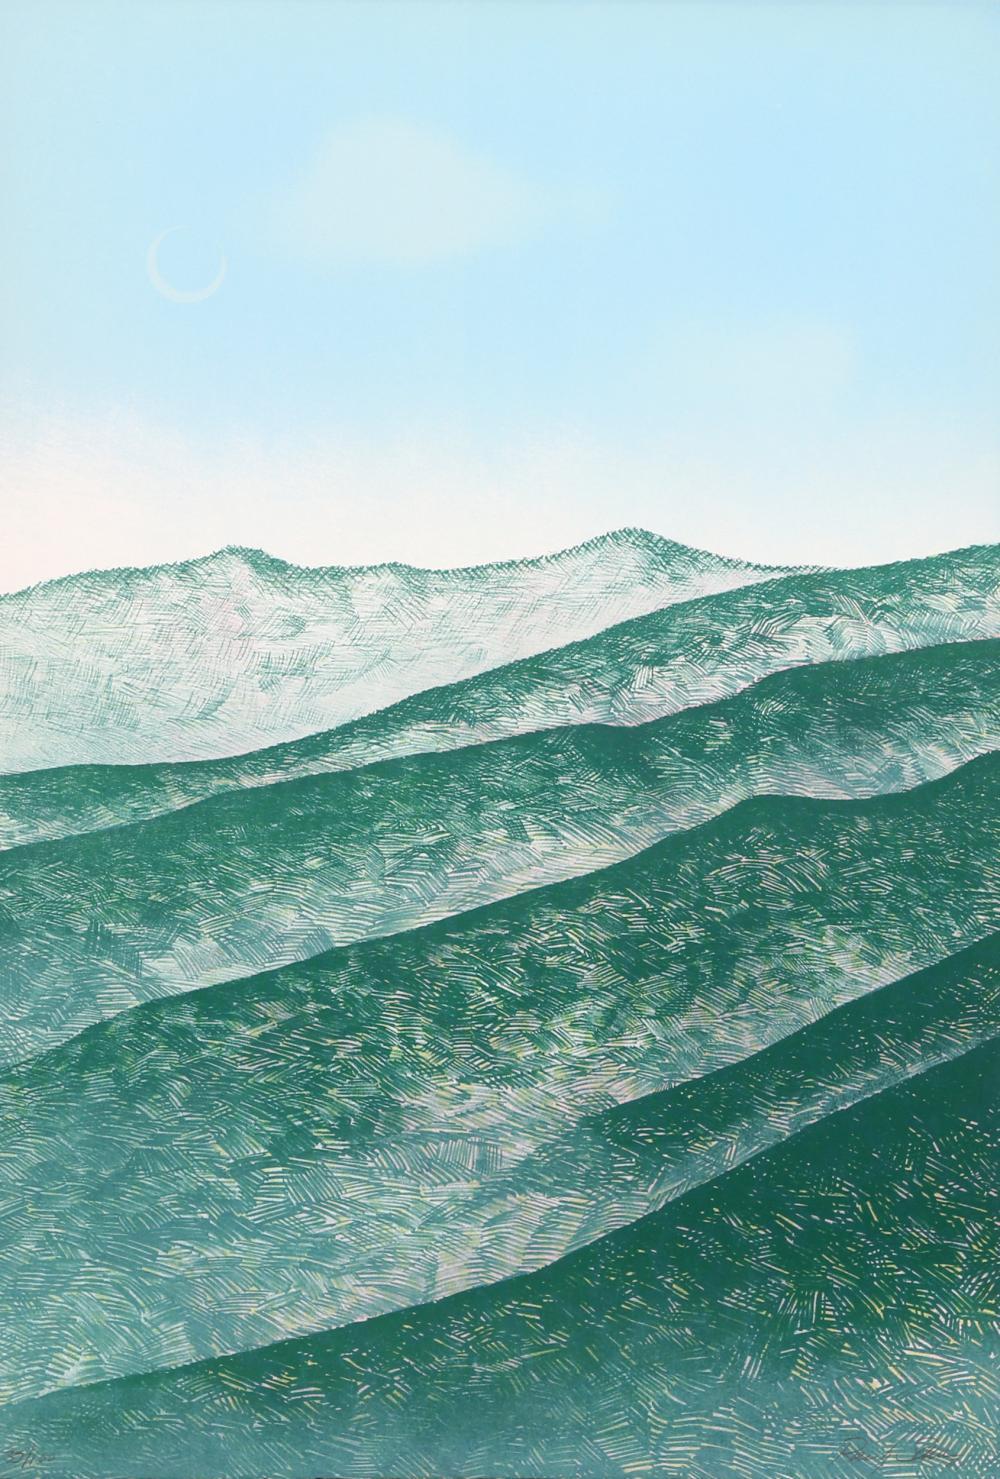 Raul Sanchez, The Hills, Lithograph